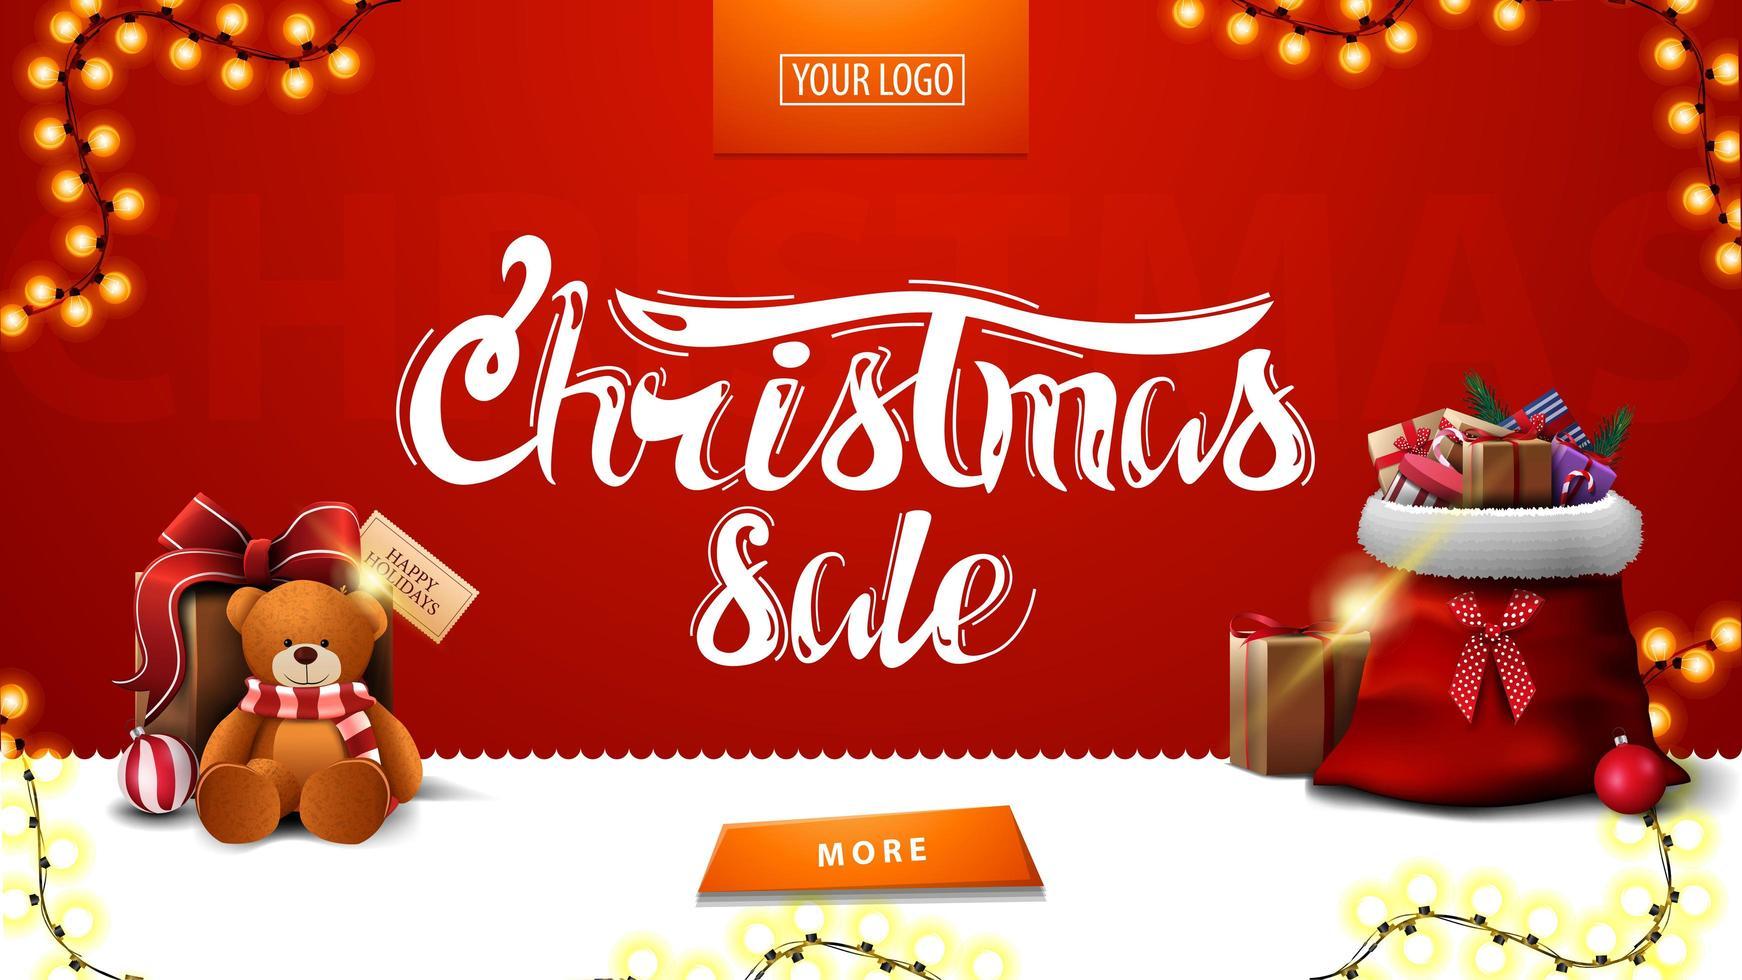 Weihnachtsverkauf, rotes modernes Banner für Website mit Girlande, Knopf, Weihnachtsmann-Tasche und Geschenk mit Teddybär vektor